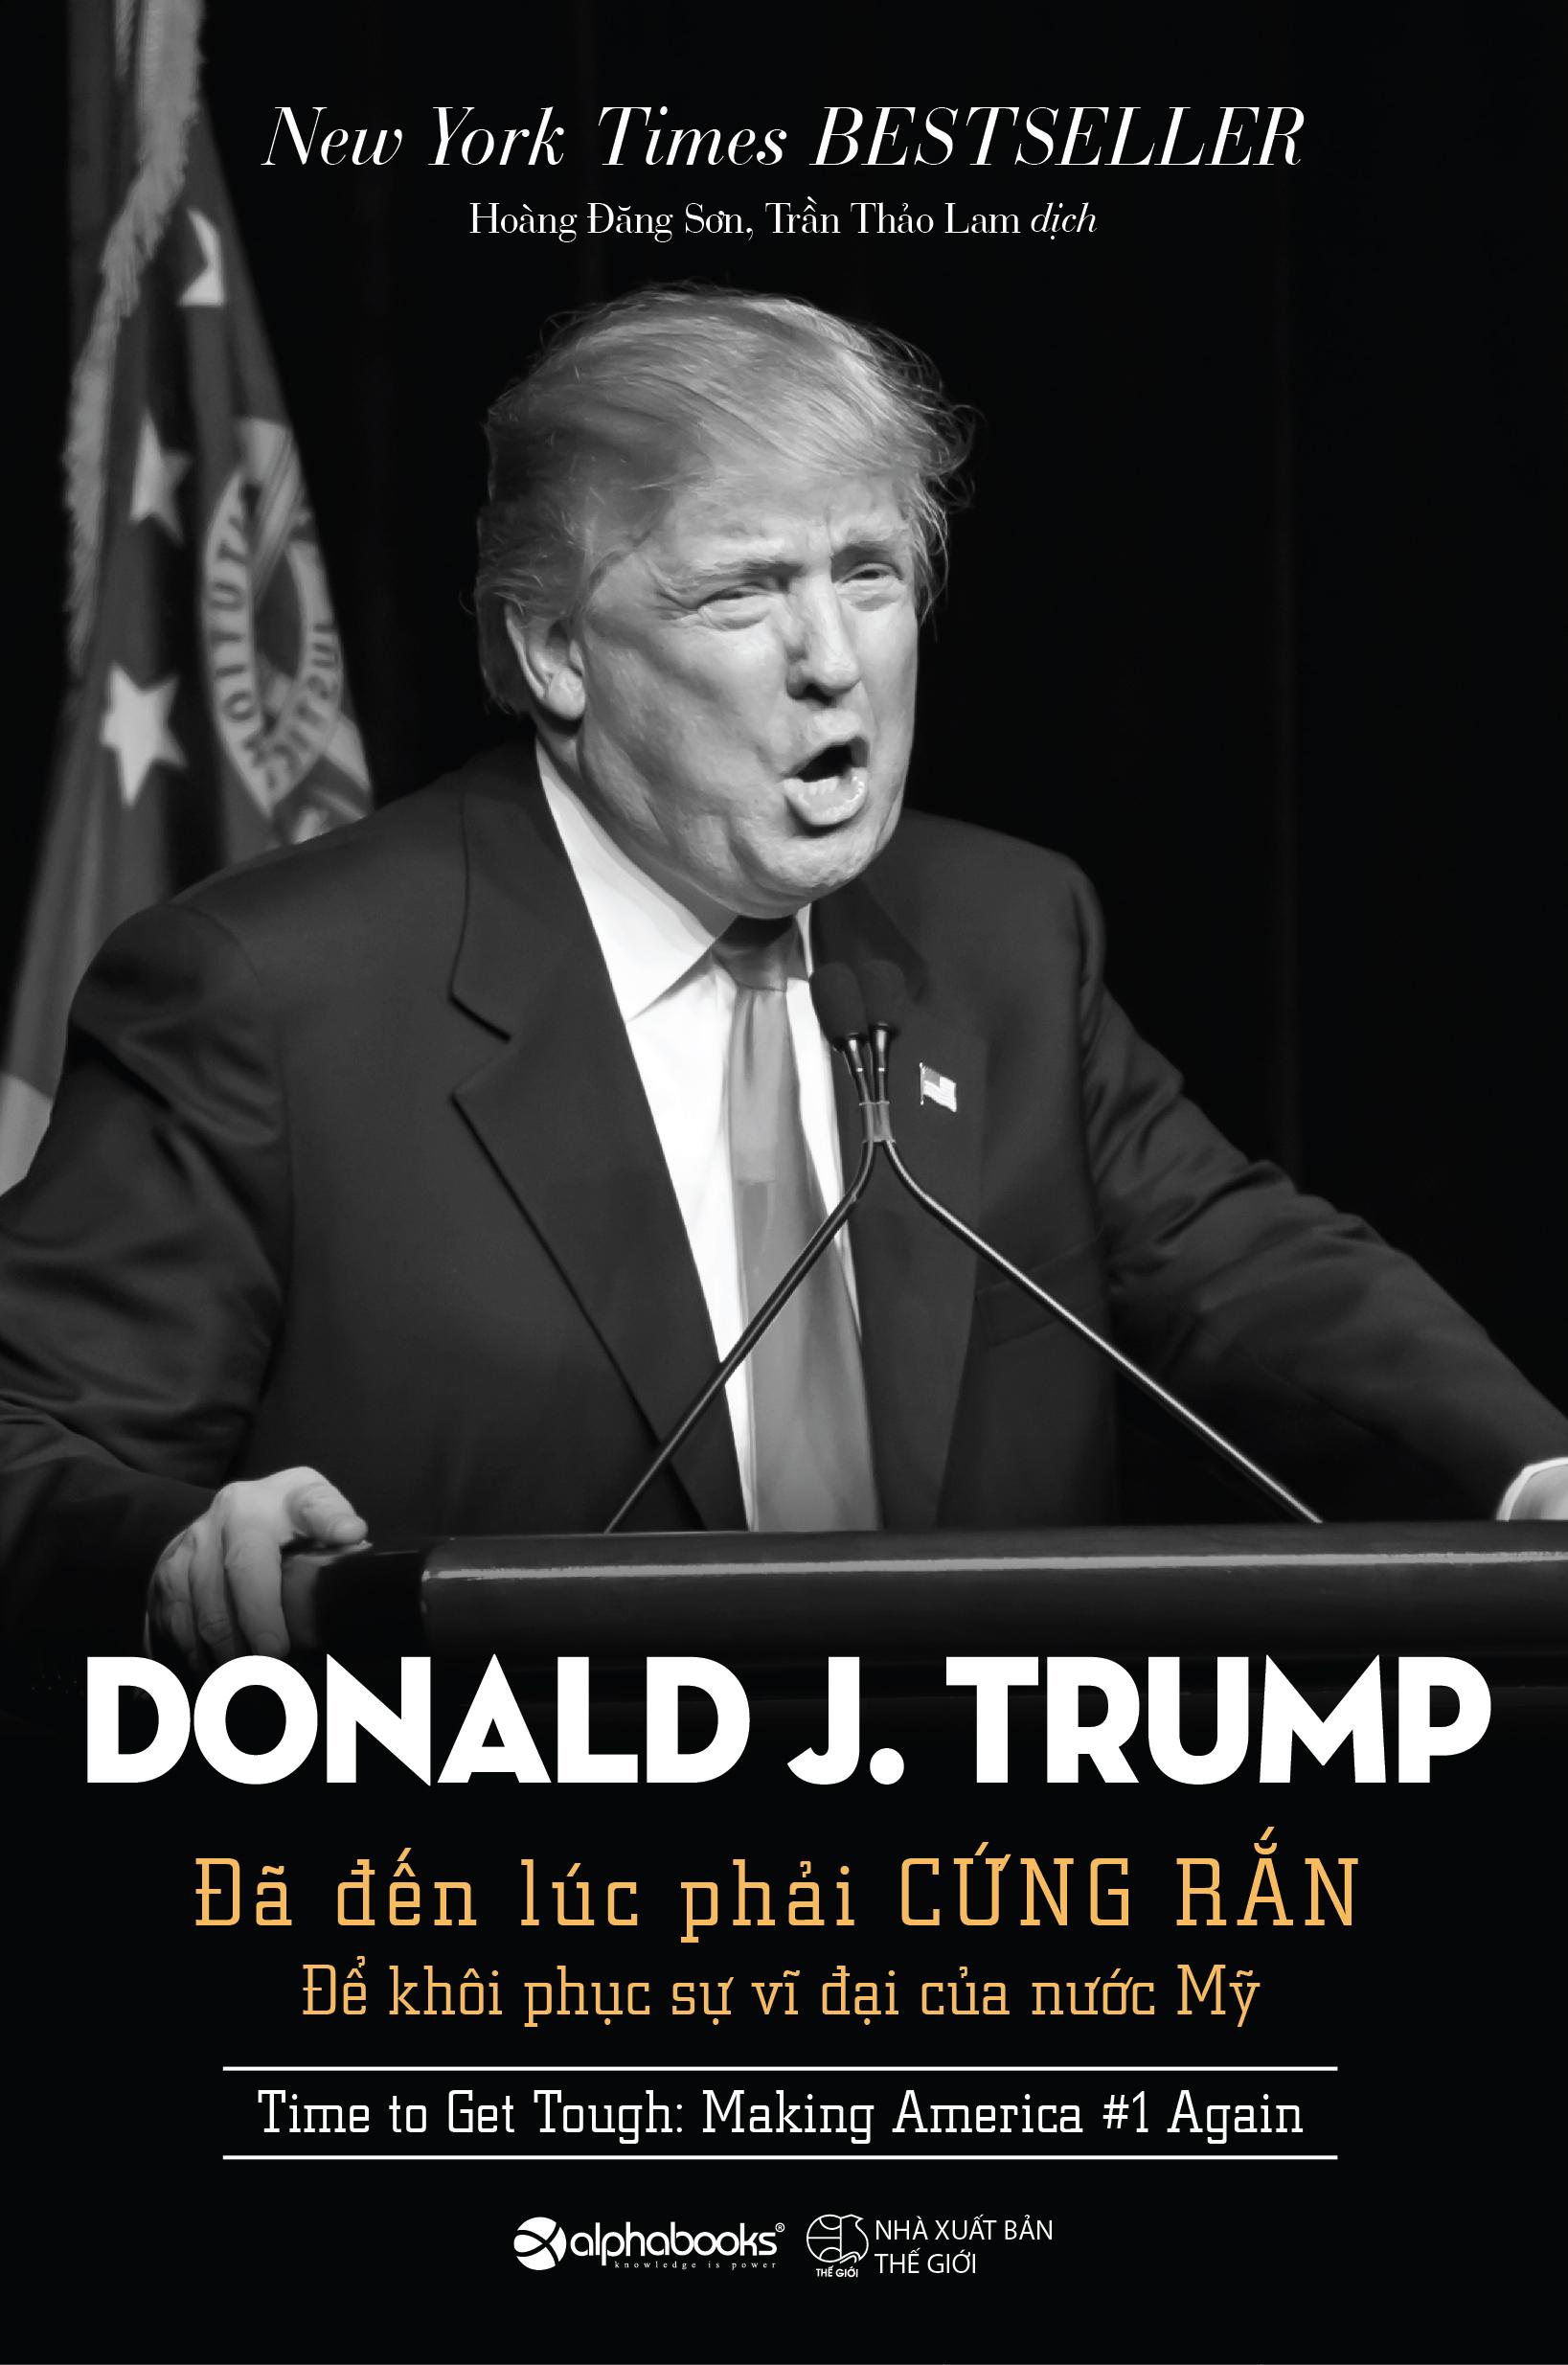 Donald J. Trump: Đã Đến Lúc Phải Cứng Rắn Để Khôi Phục Sự Vĩ Đại Của Nước Mỹ - EBOOK/PDF/PRC/EPUB